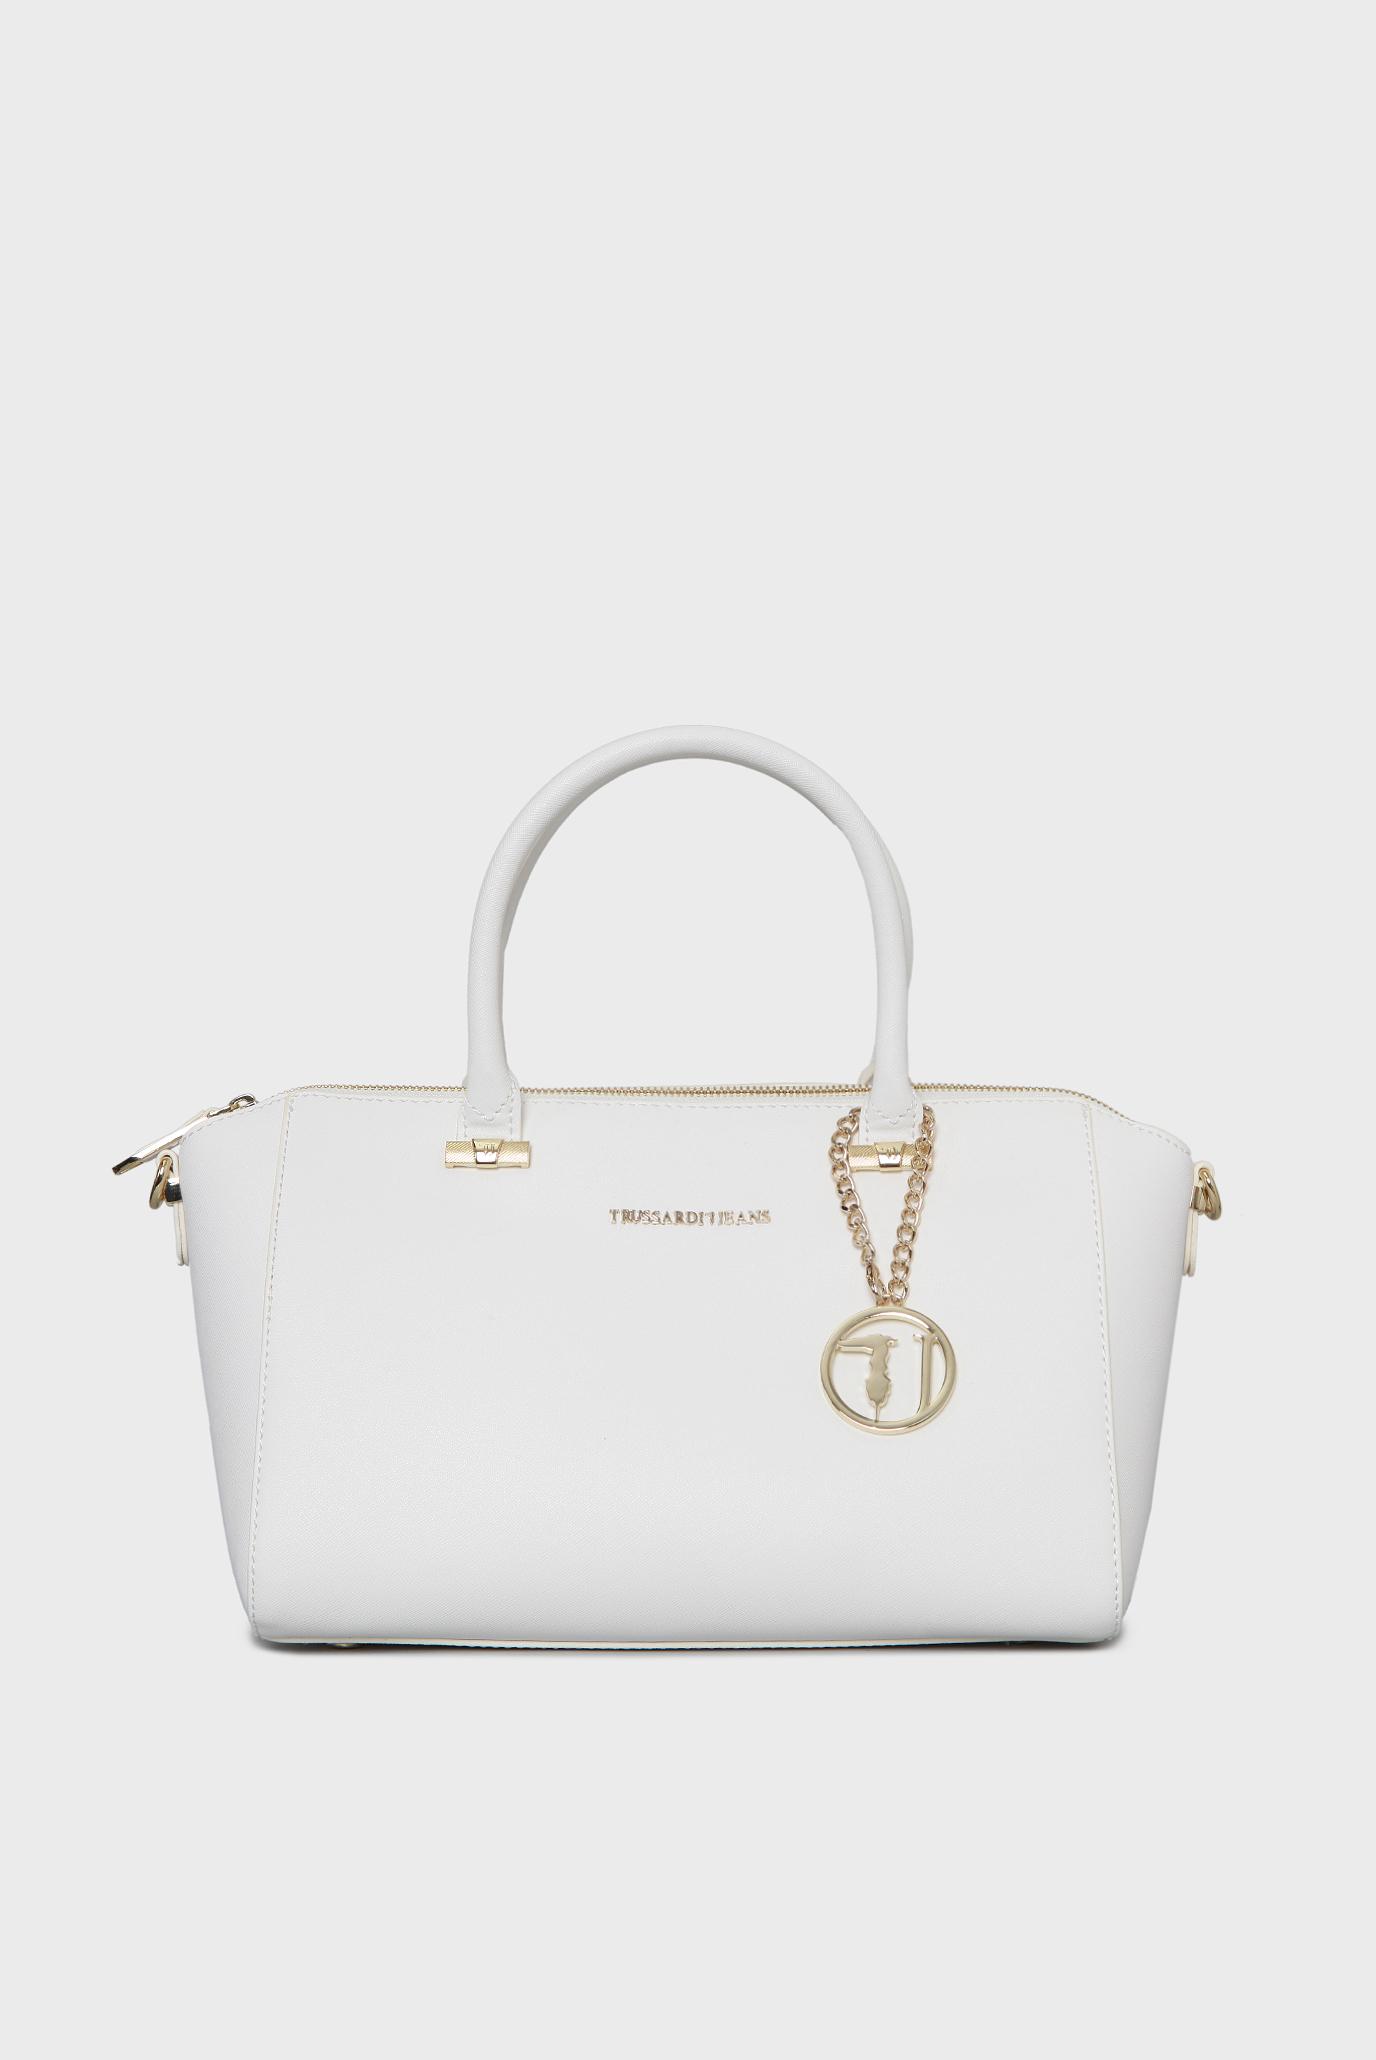 c50f7c456e86 Купить Женская белая сумка на плечо Trussardi Jeans Trussardi Jeans  75B493XX – Киев, Украина. Цены в интернет ...